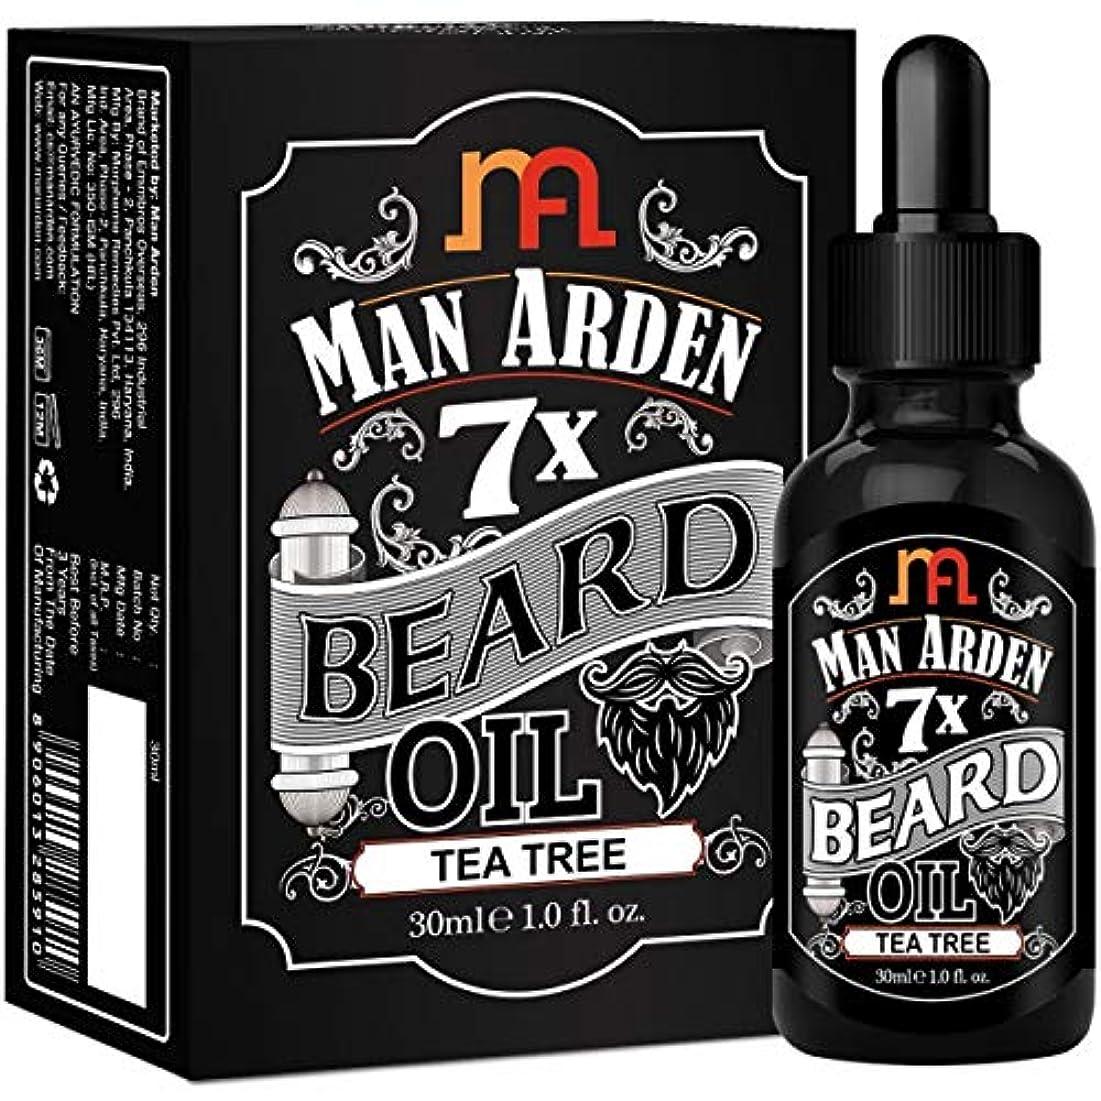 究極の会話豊かにするMan Arden 7X Beard Oil 30ml (Tea Tree) - 7 Premium Oils Blend For Beard Growth & Nourishment